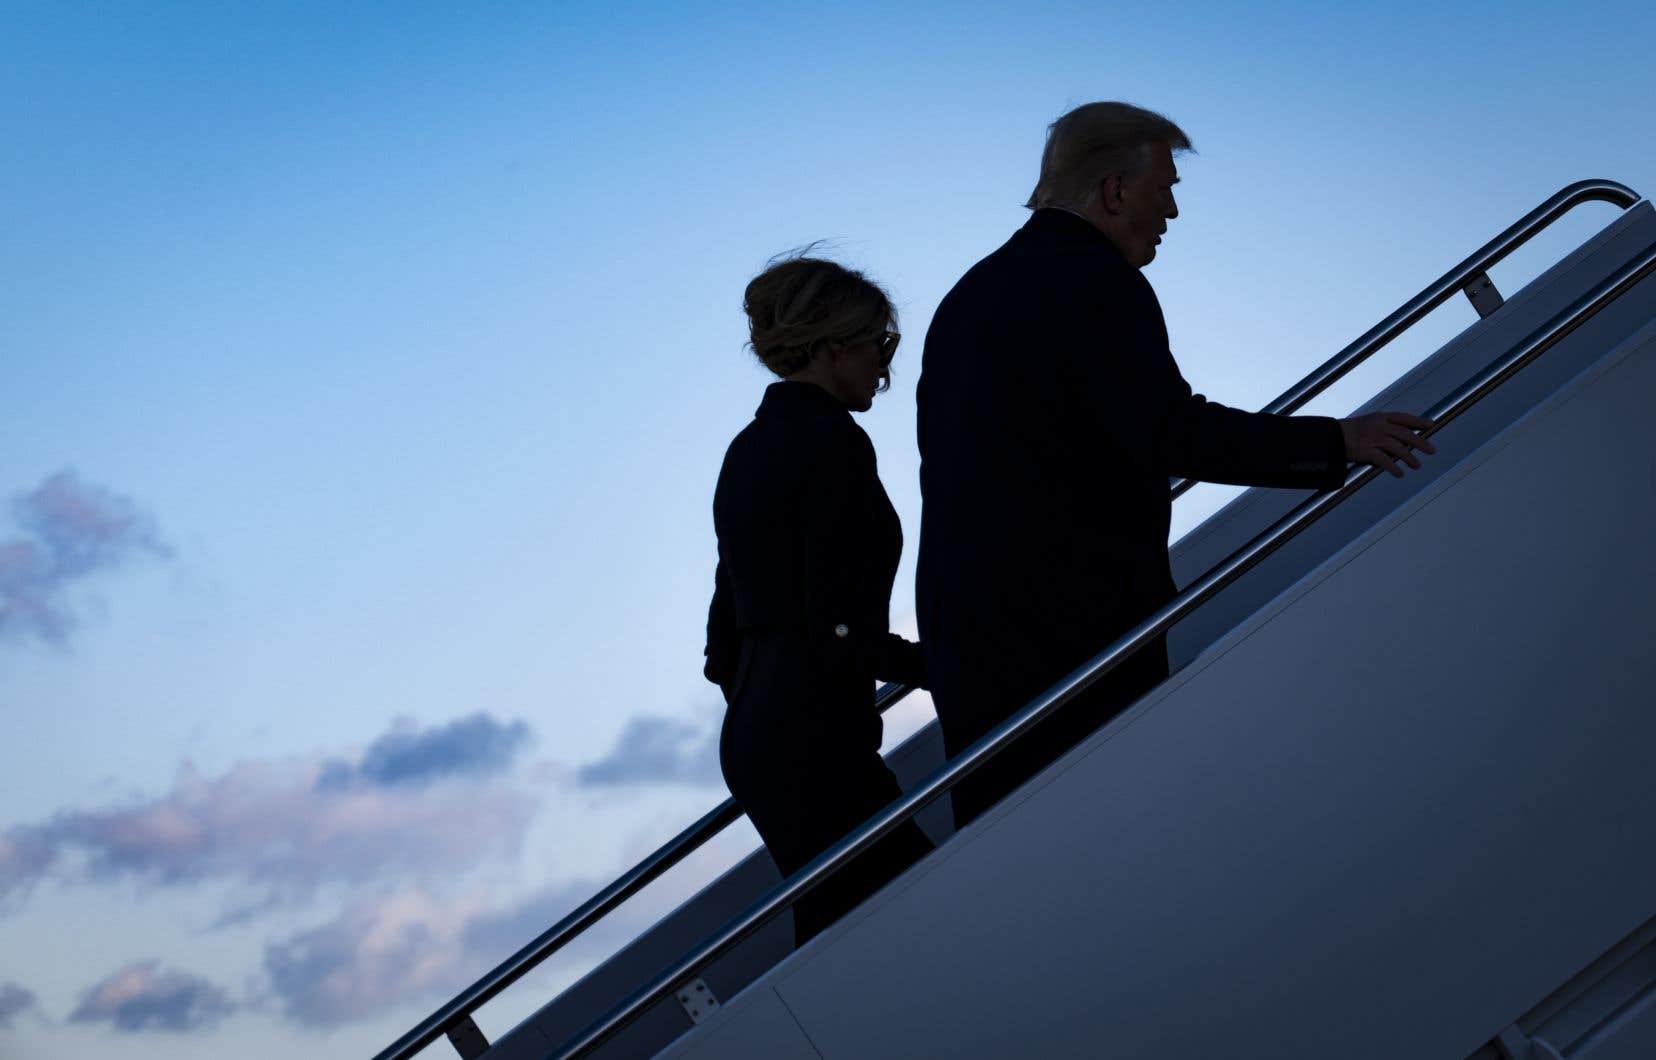 Le trumpisme semble d'abord et avant tout un mouvement centré sur la personne de Donald Trump, qui cherchait son propre profit et choisissait ses orientations pour faire plaisir à sa base. «Le trumpisme est un phénomène extrêmement difficile à saisir.»